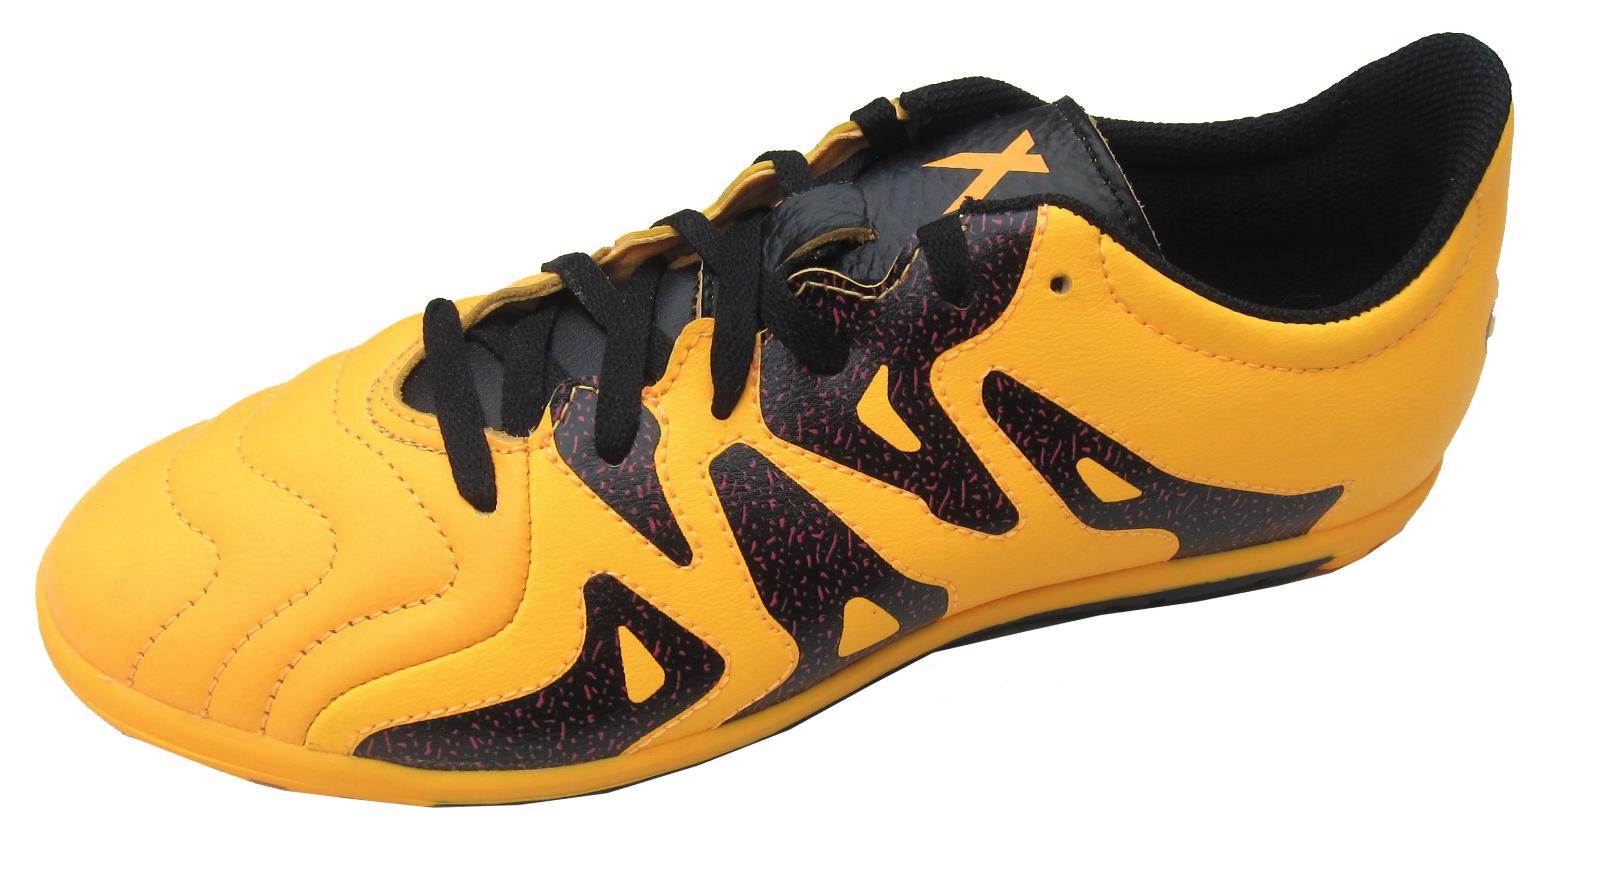 adidas ragazzi ORO PELLE Astro sportcipő 15.3 TF J UK12 / UK13 / UK4 O UK5